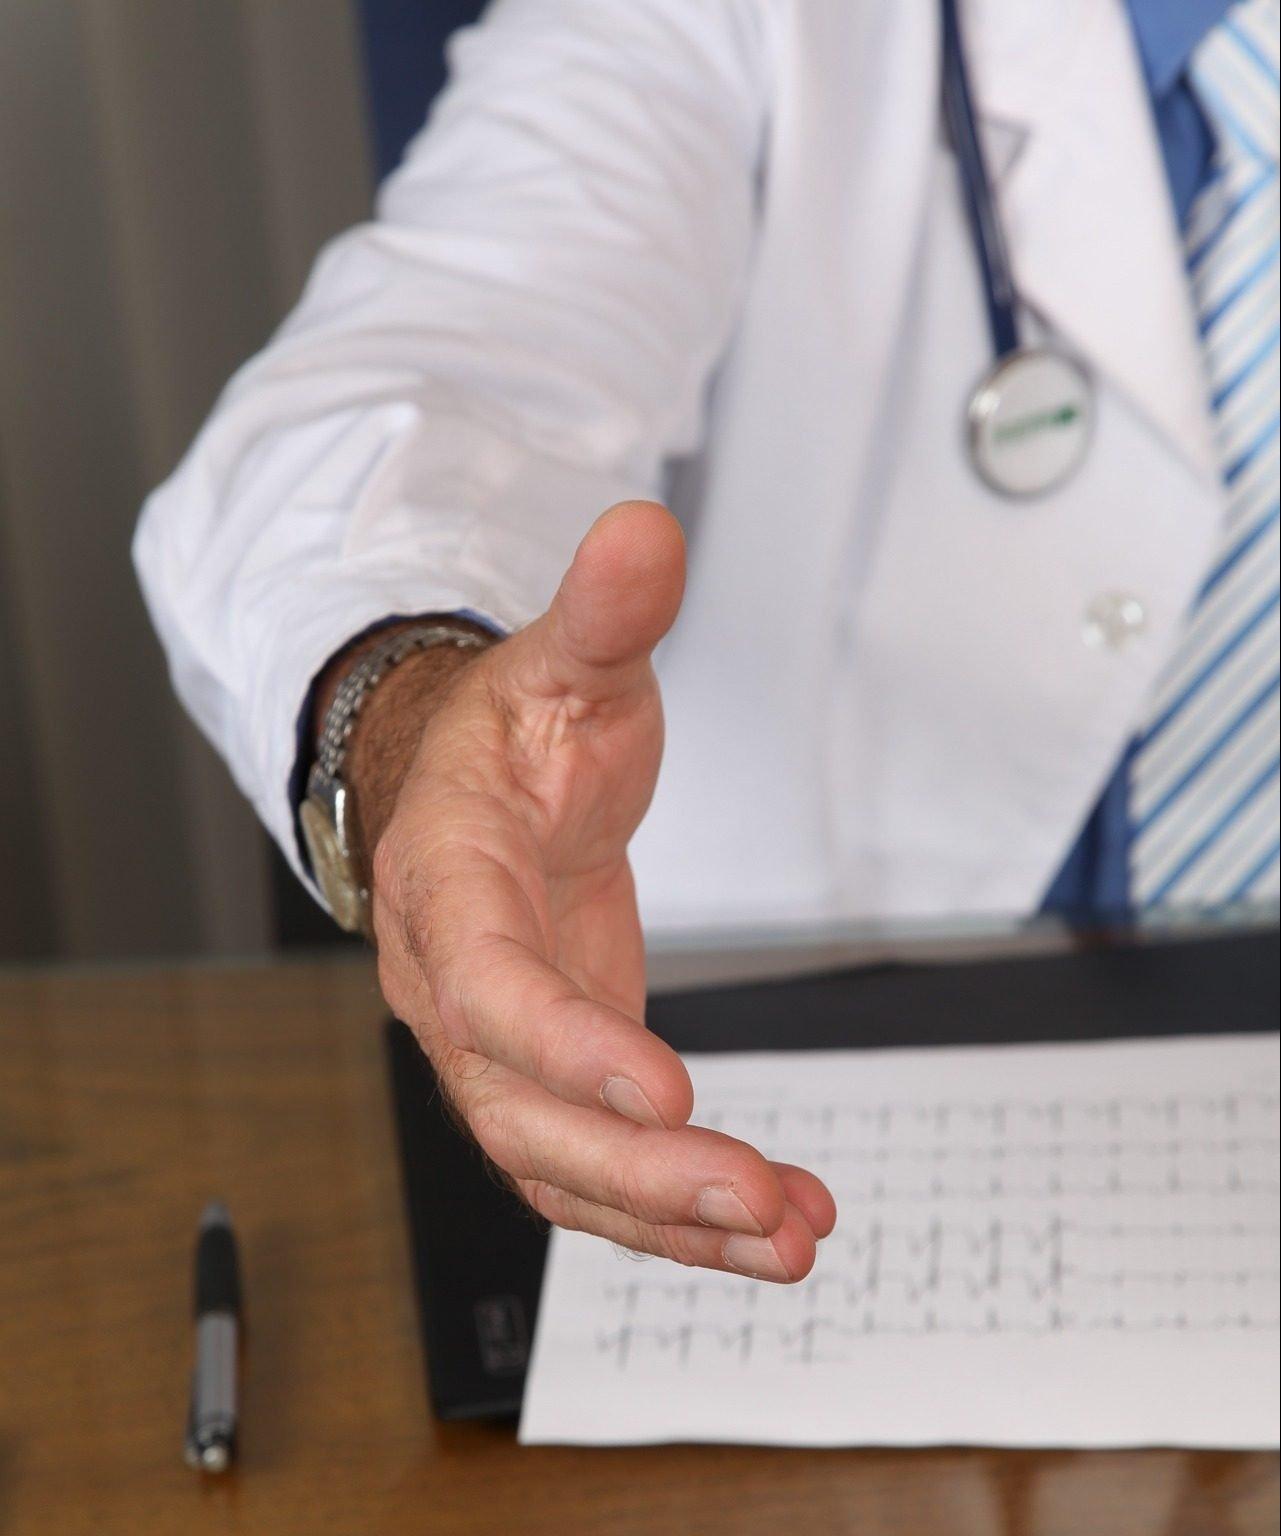 Sponsorizarile medicilor, practici uzuale in sistem